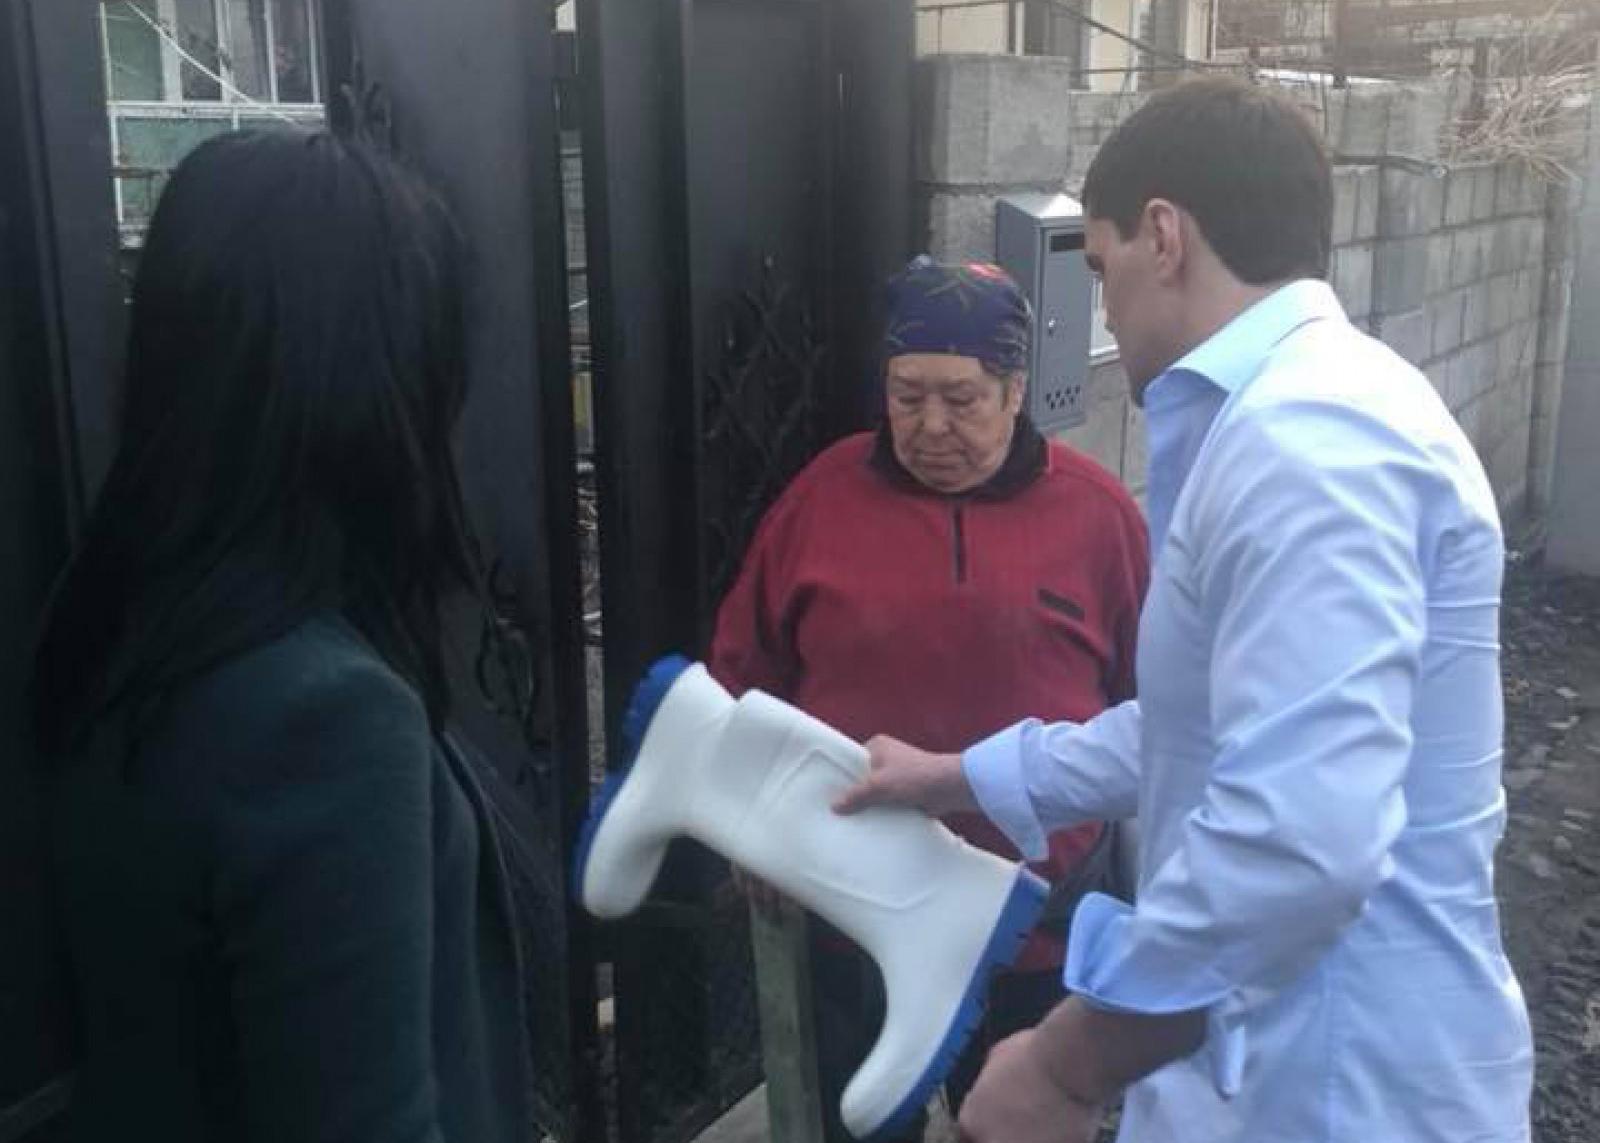 Imaginea zilei: După cum e drumul, așa și darurile. Constantin Țuțu a oferit mai multor familii din Trușeni și Durlești cizme de cauciuc